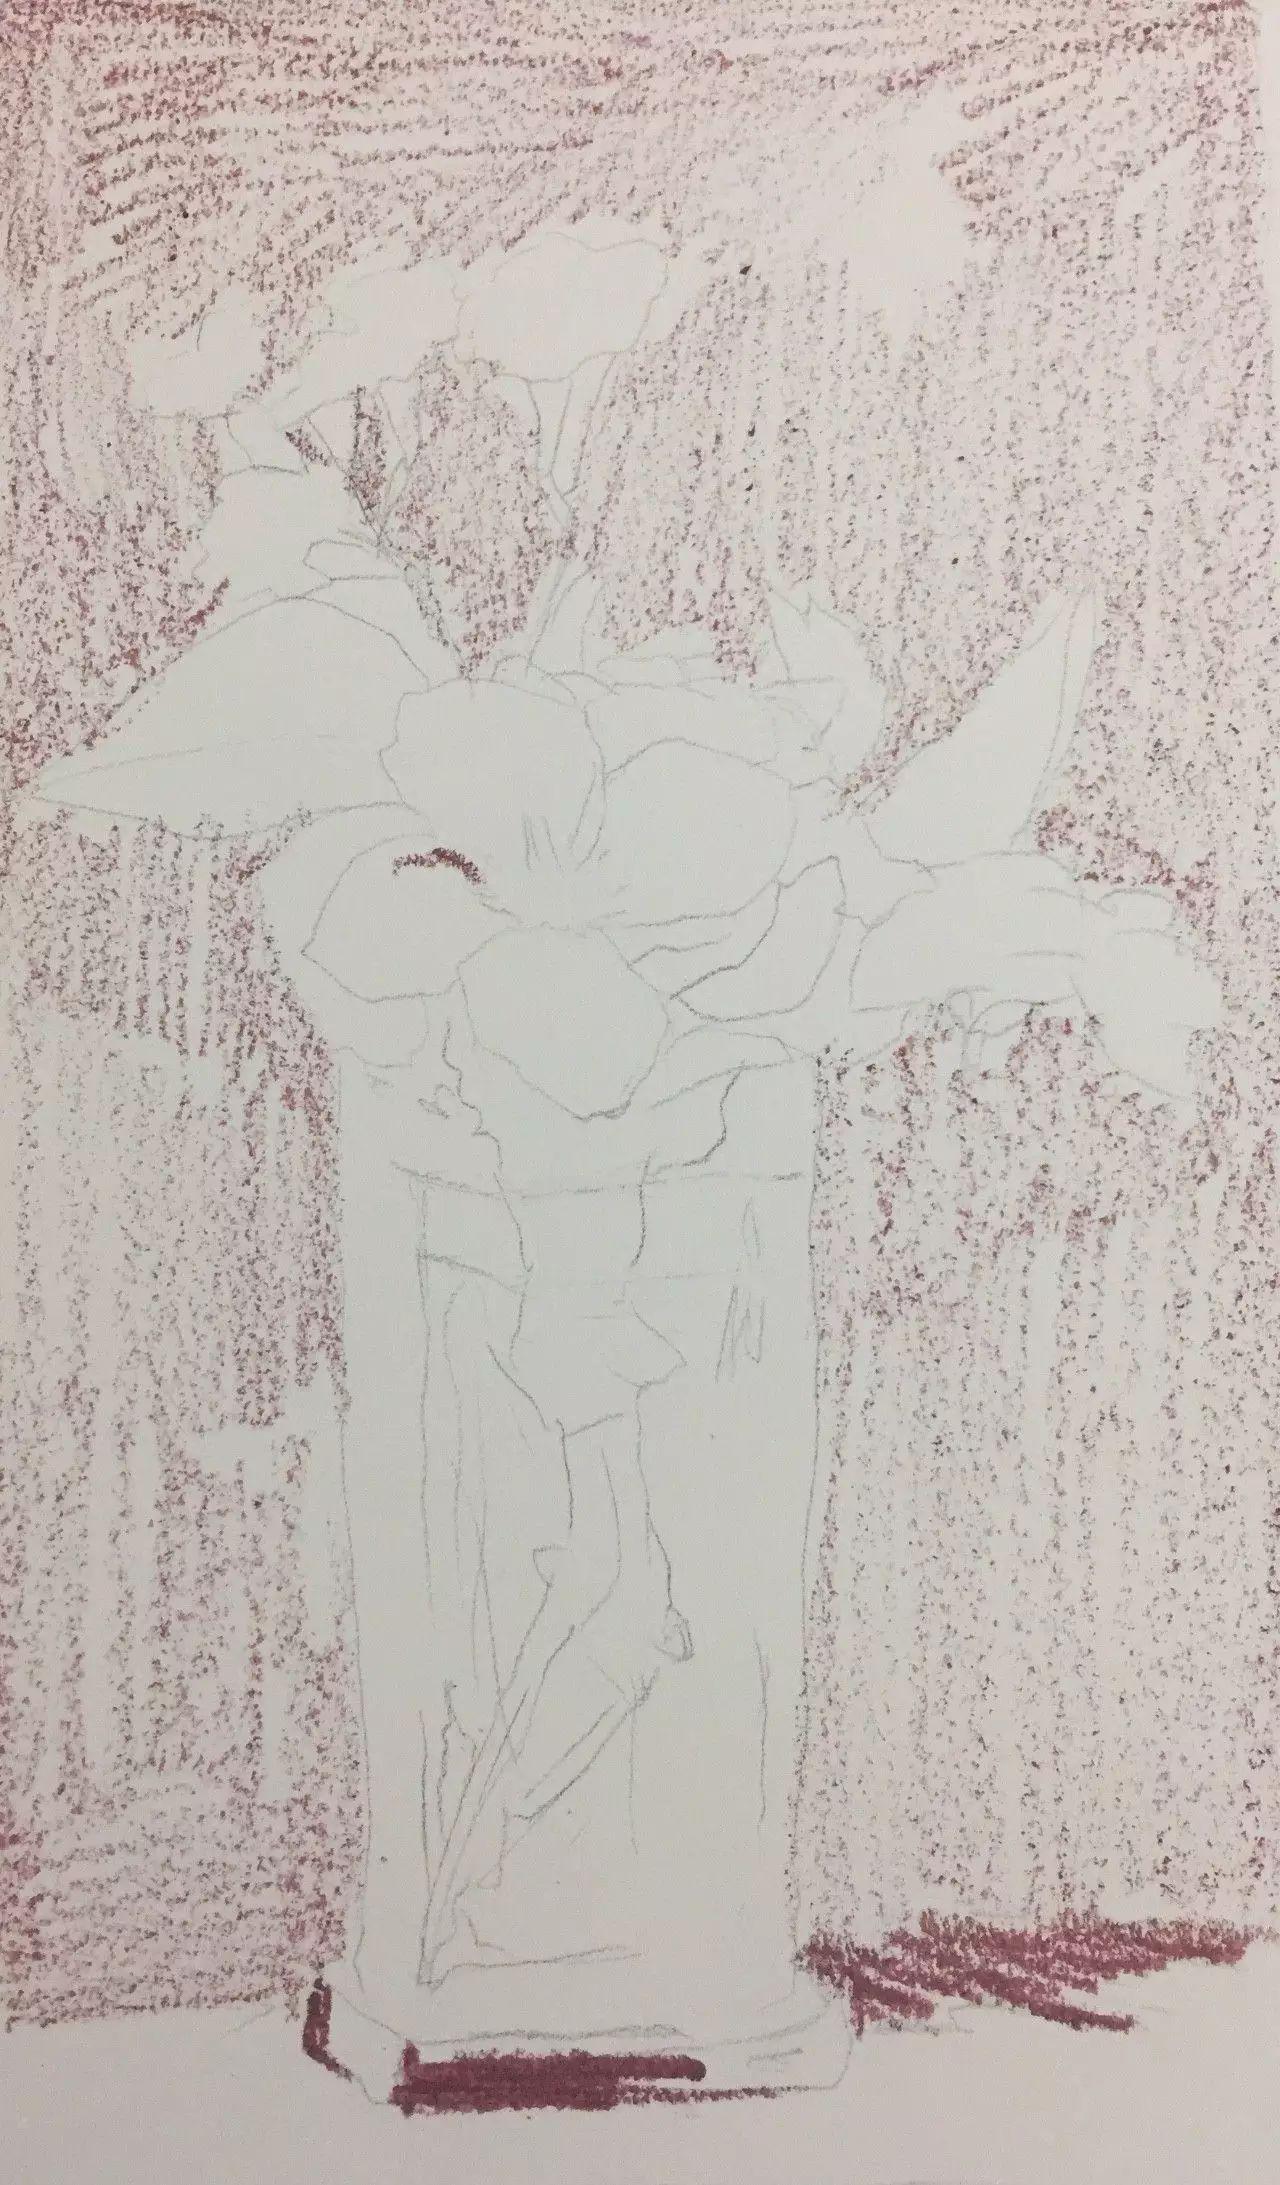 使画面色彩看起来更柔和   起稿:   用铅笔画出花瓶,画的位置,以及